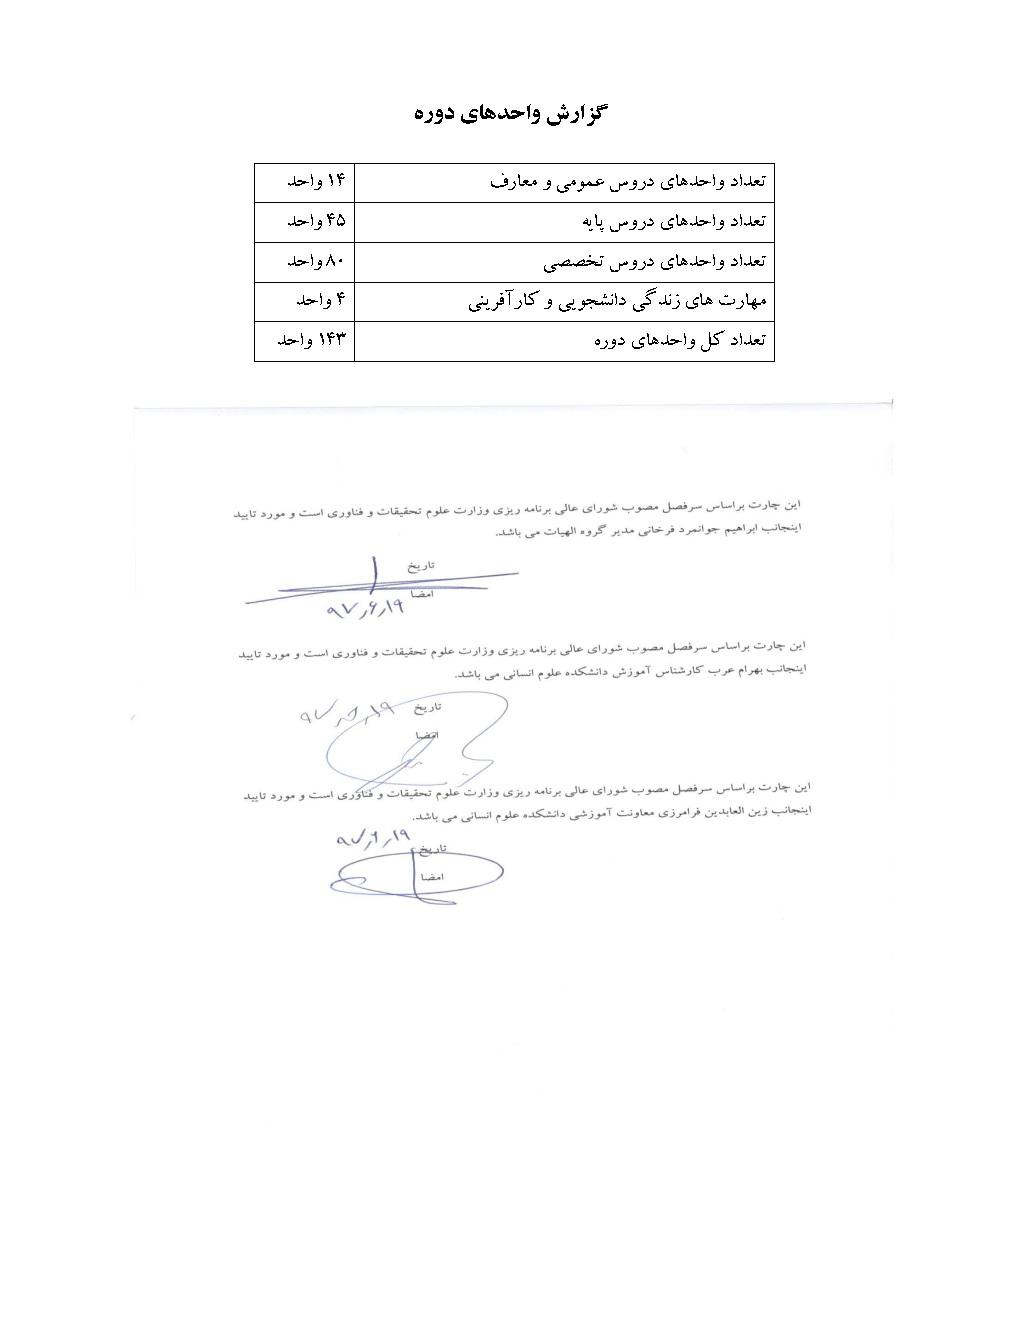 کارشناسی فقه و حقوق اسلامی، ۹۵ به قبل_Page5